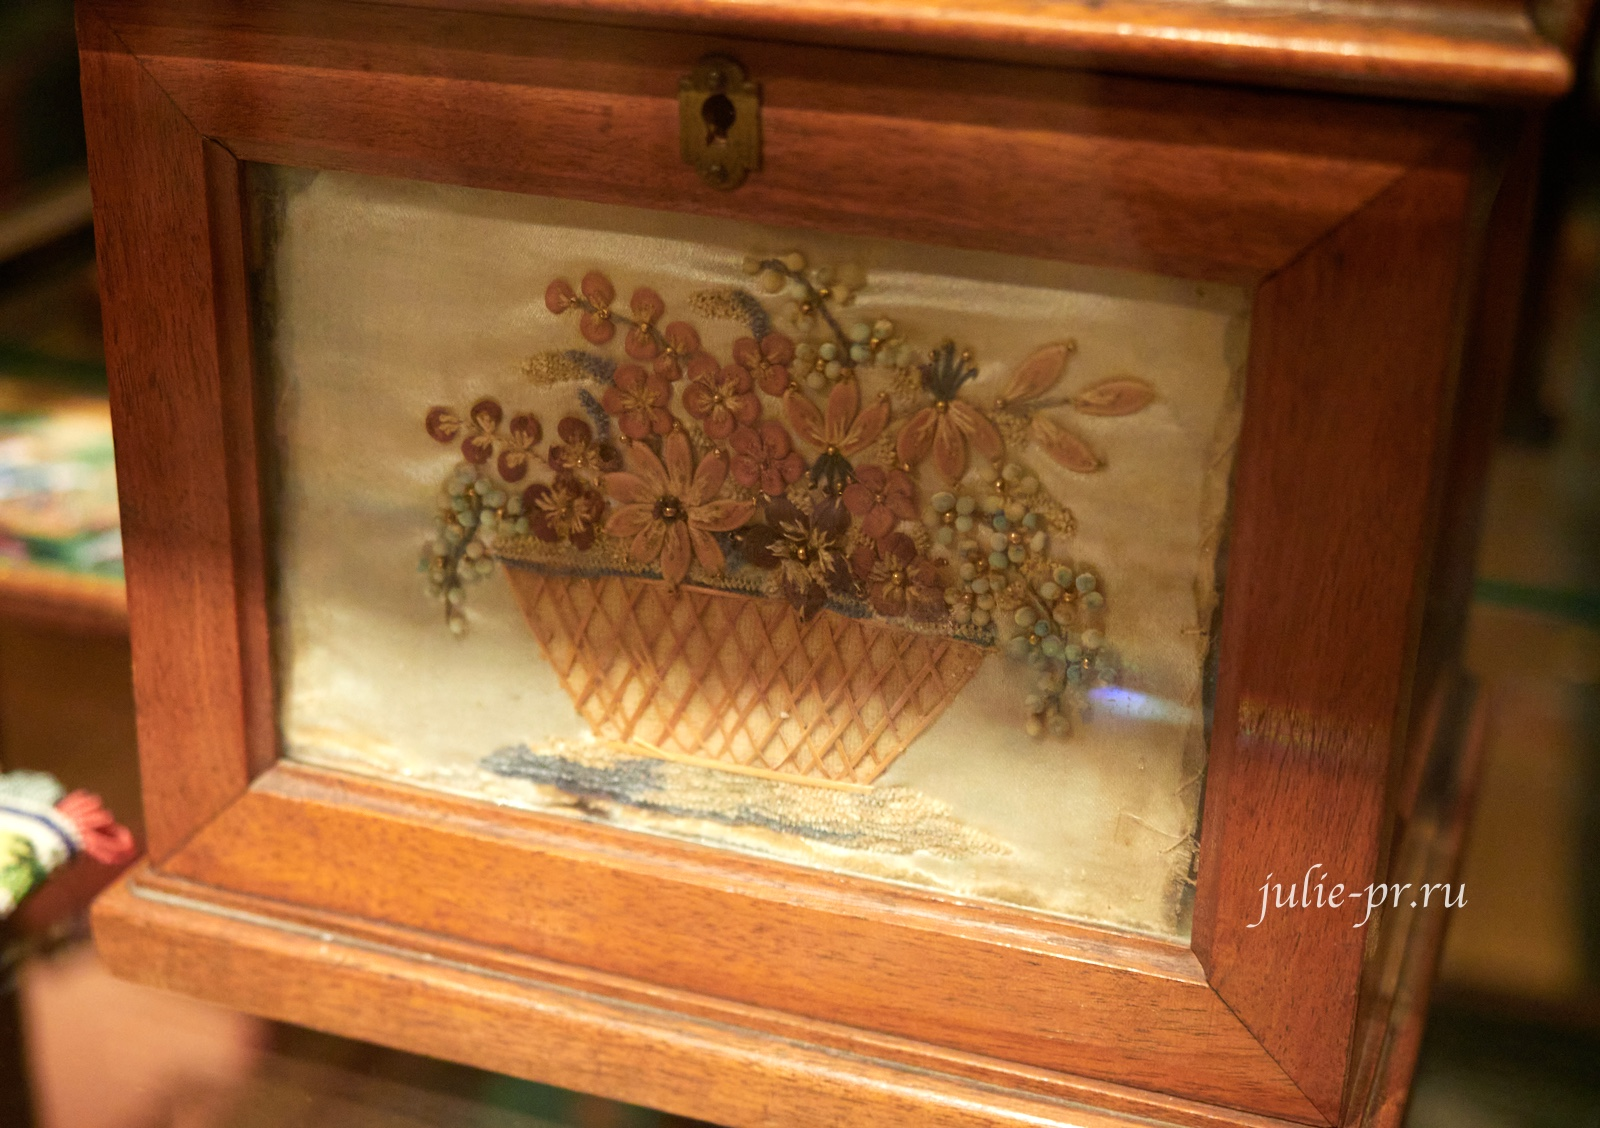 Шкатулка «Два сердца» 1850-е г, Россия, вышивка по атласу шёлком, синелью, бисером и семенами овощей, музей Тропинина, выставка Старинные вышивки